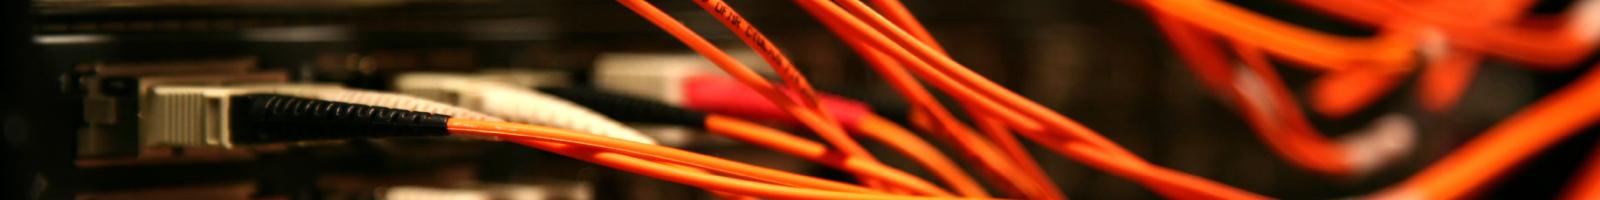 Fibre Cable Installations